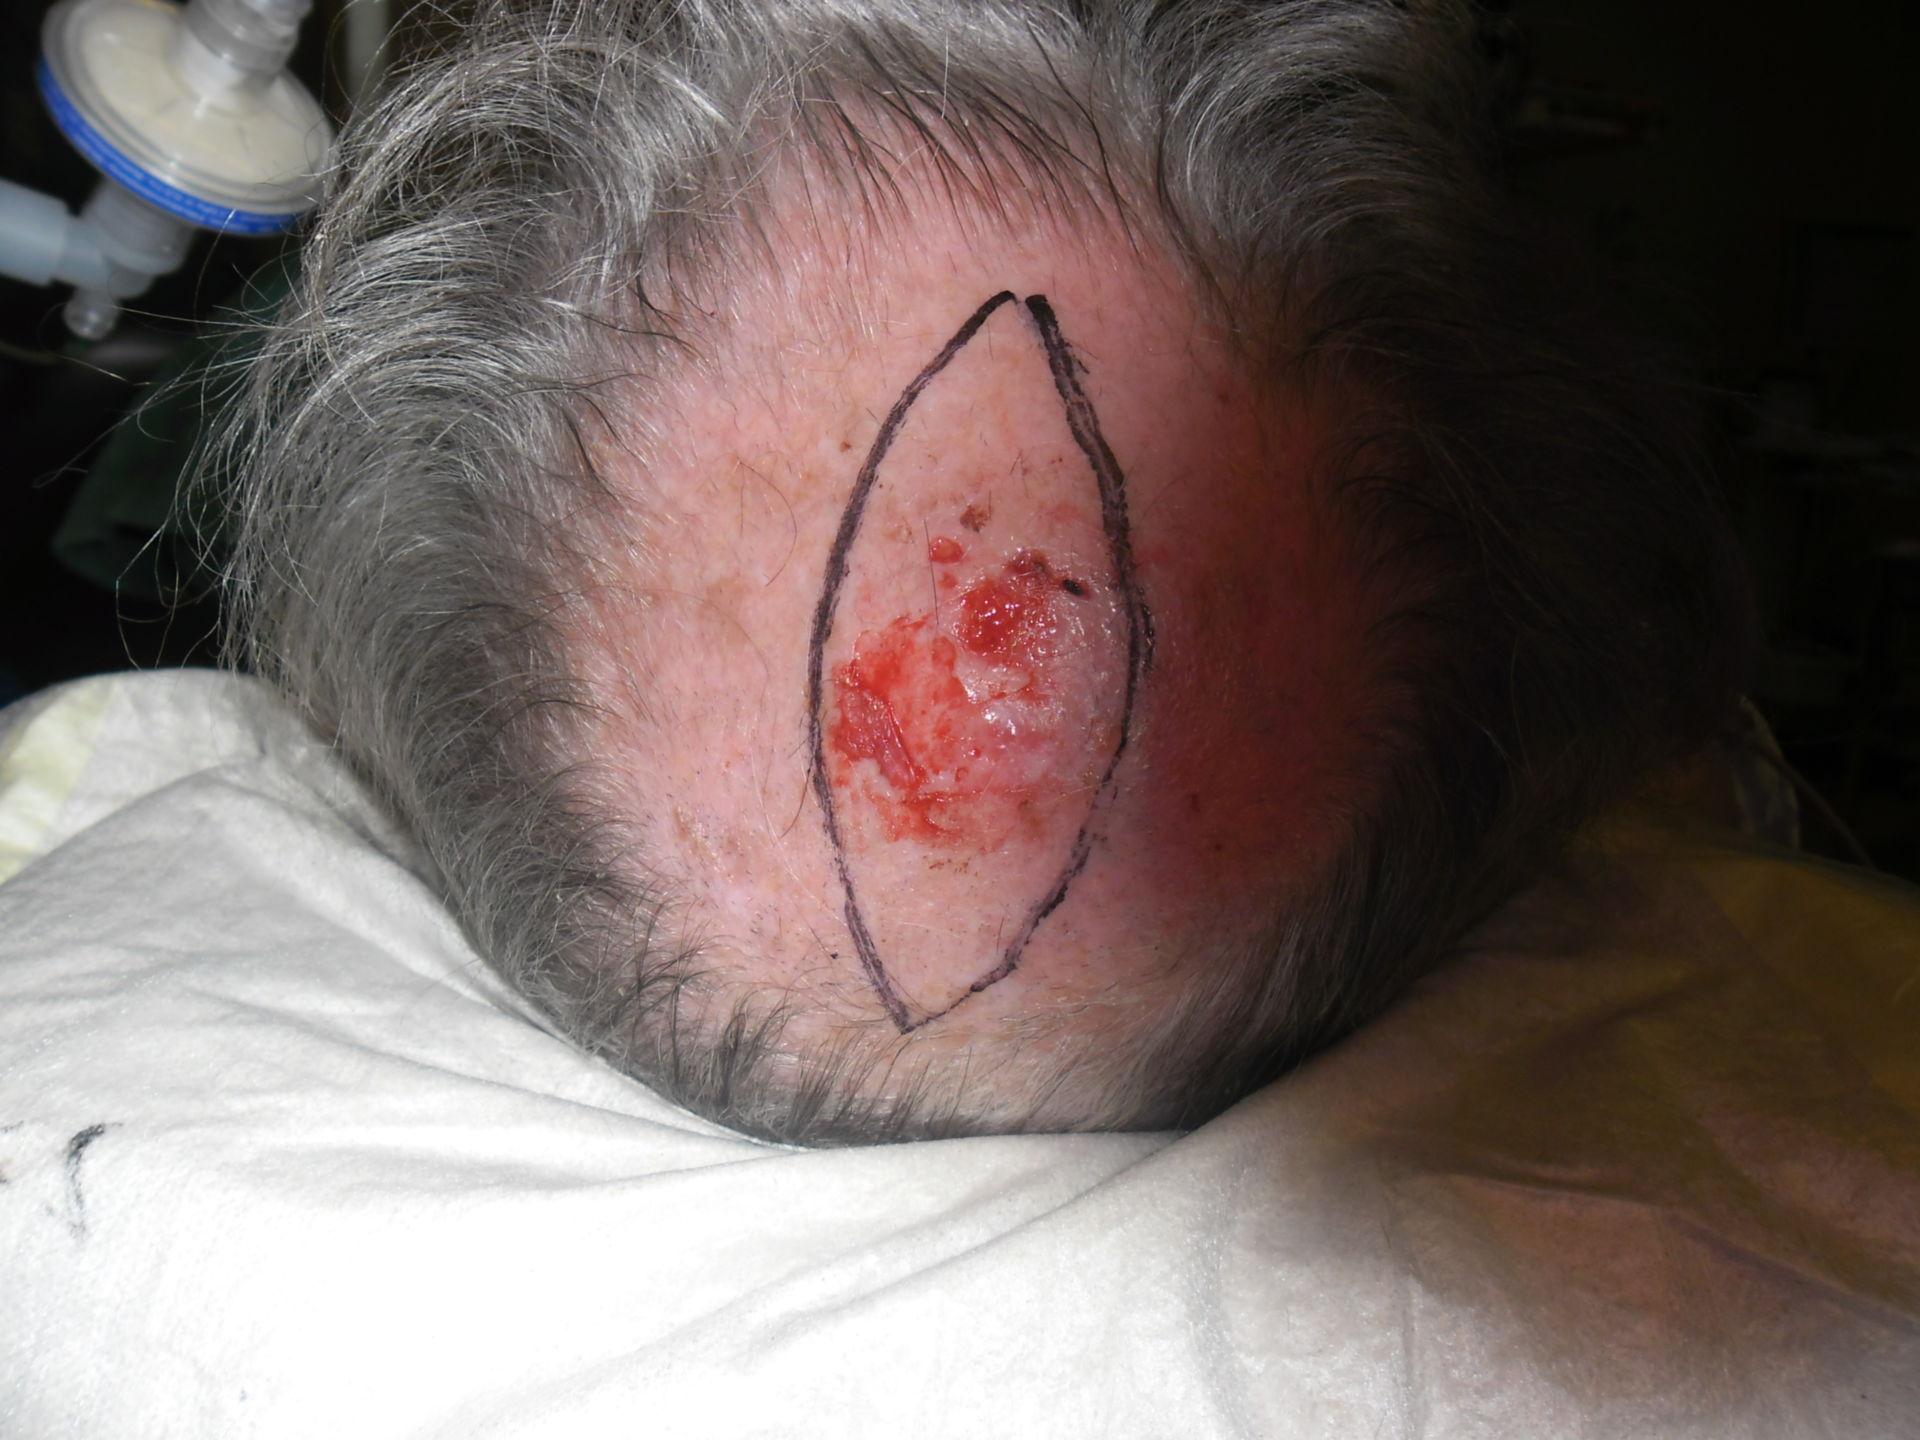 Carcinoma cellule squamose del cuoio capelluto